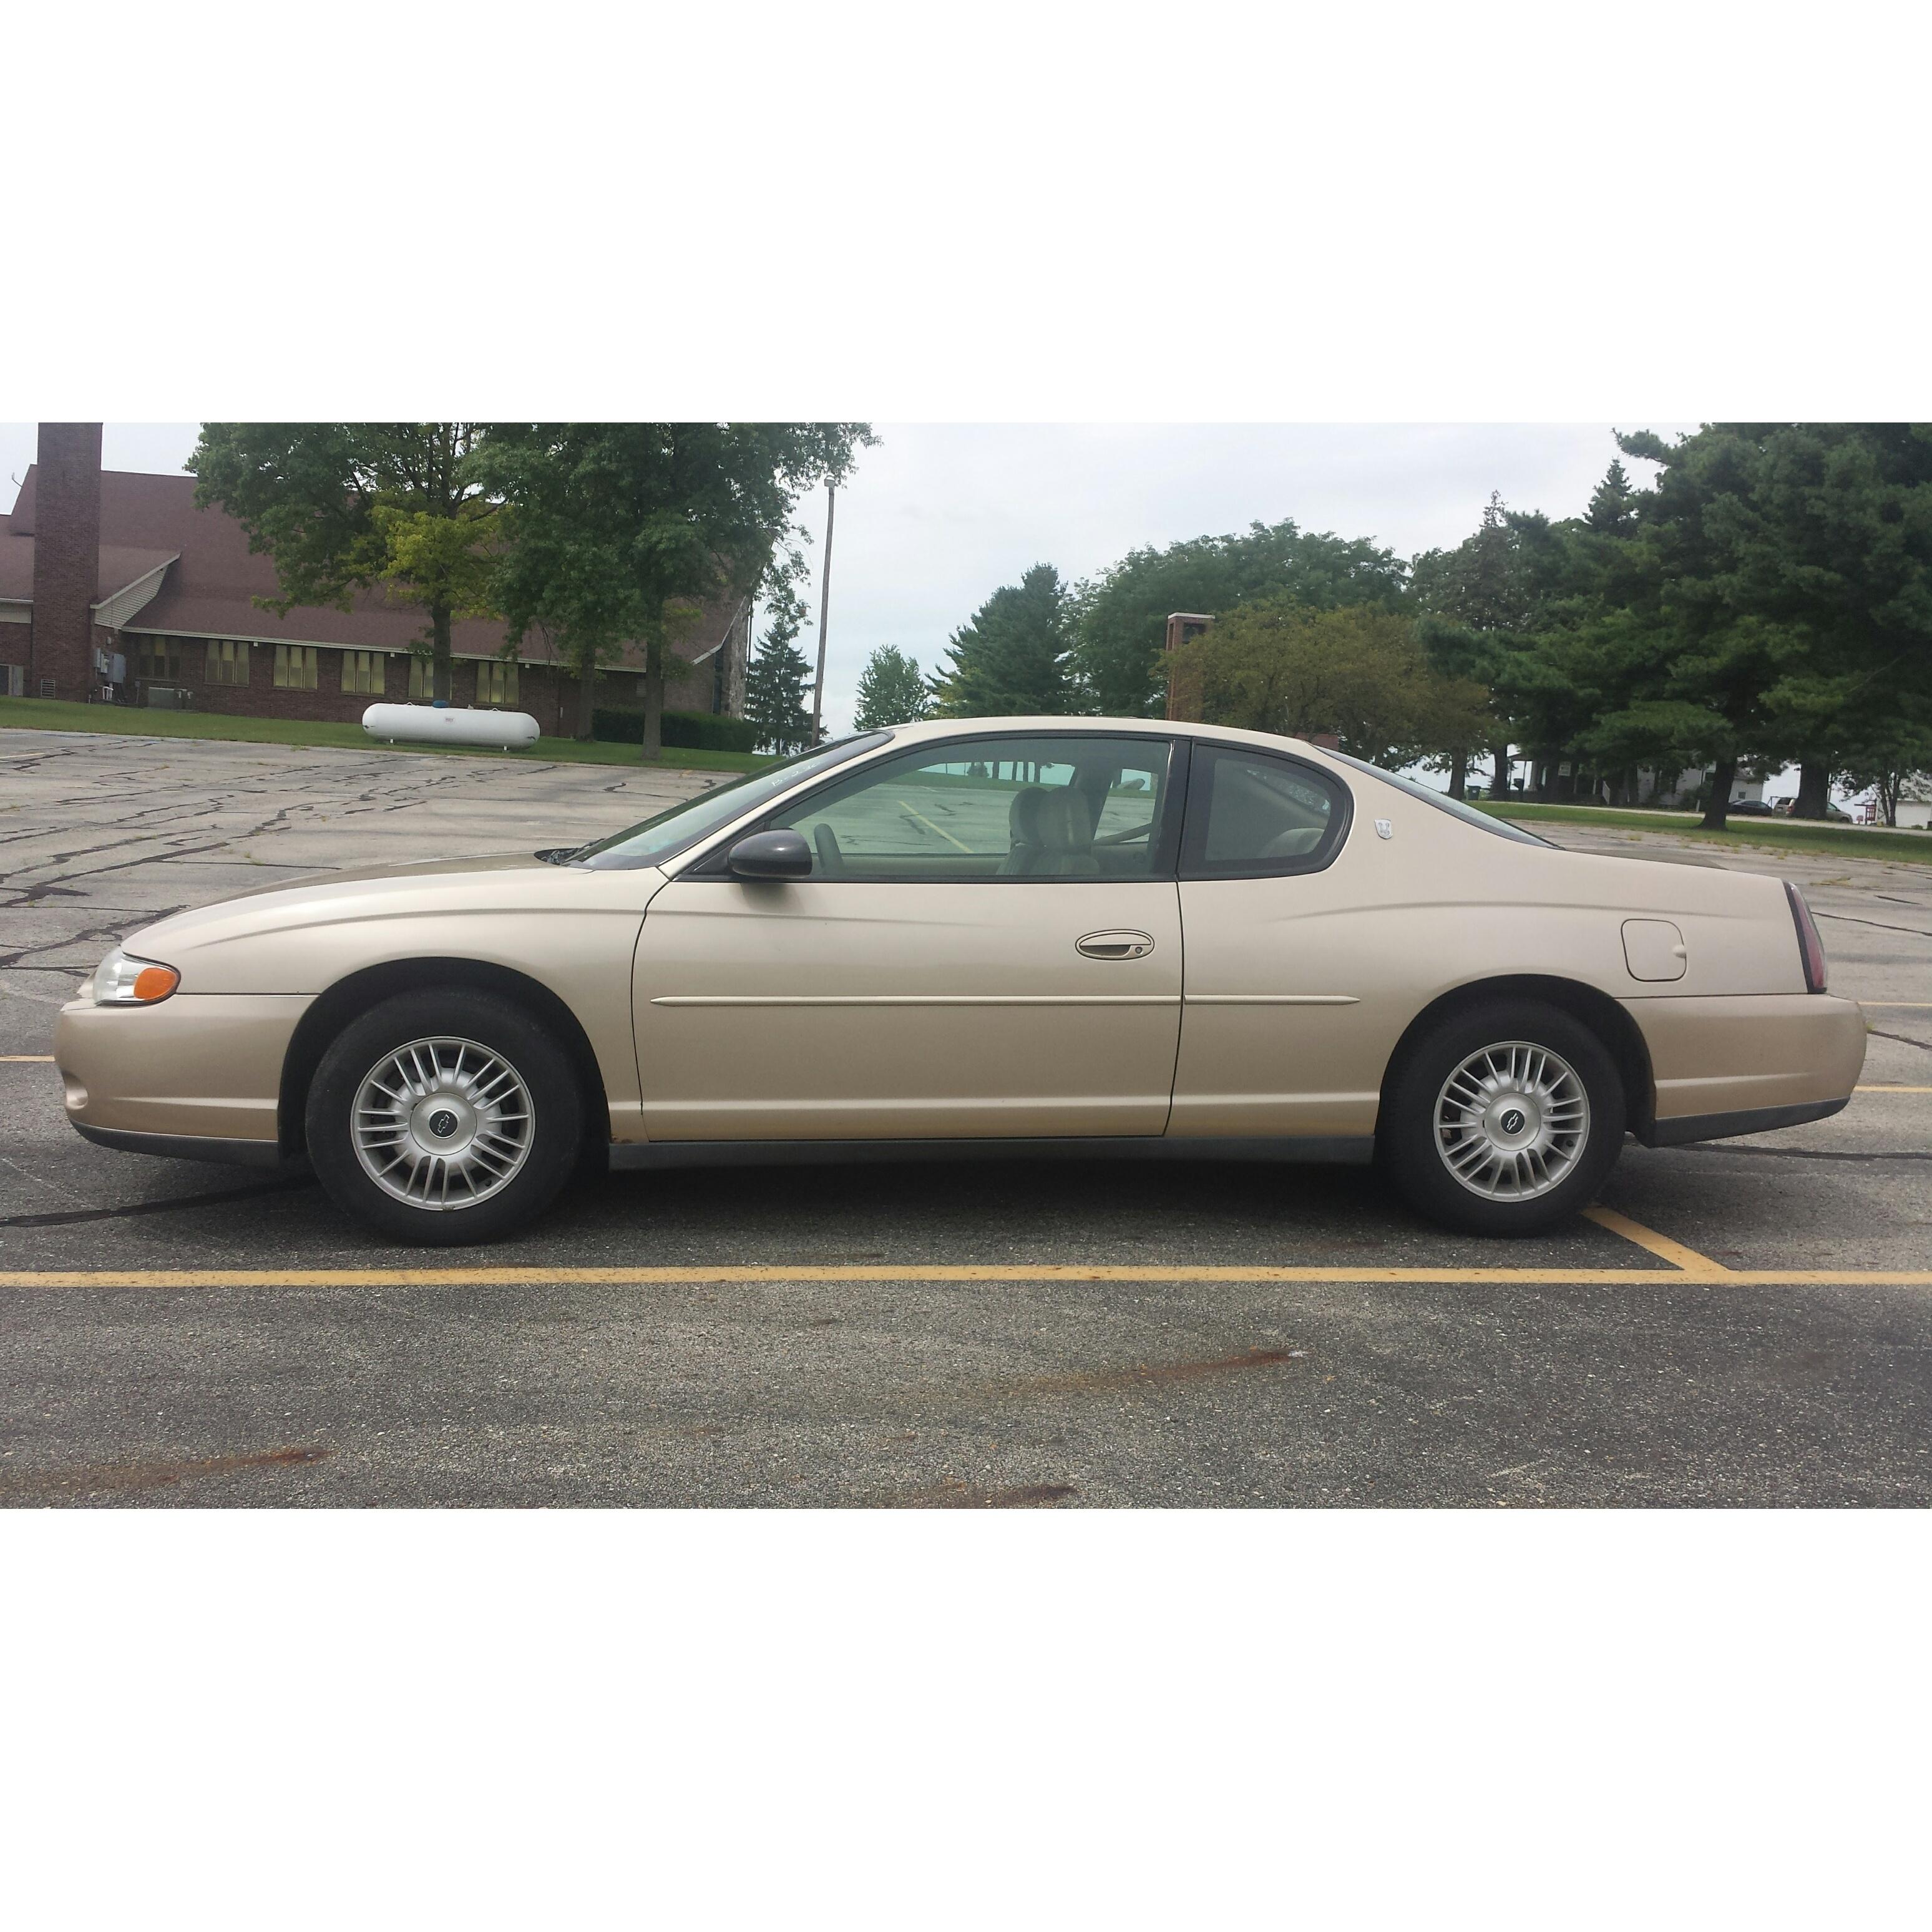 B & T Car Sales Llc